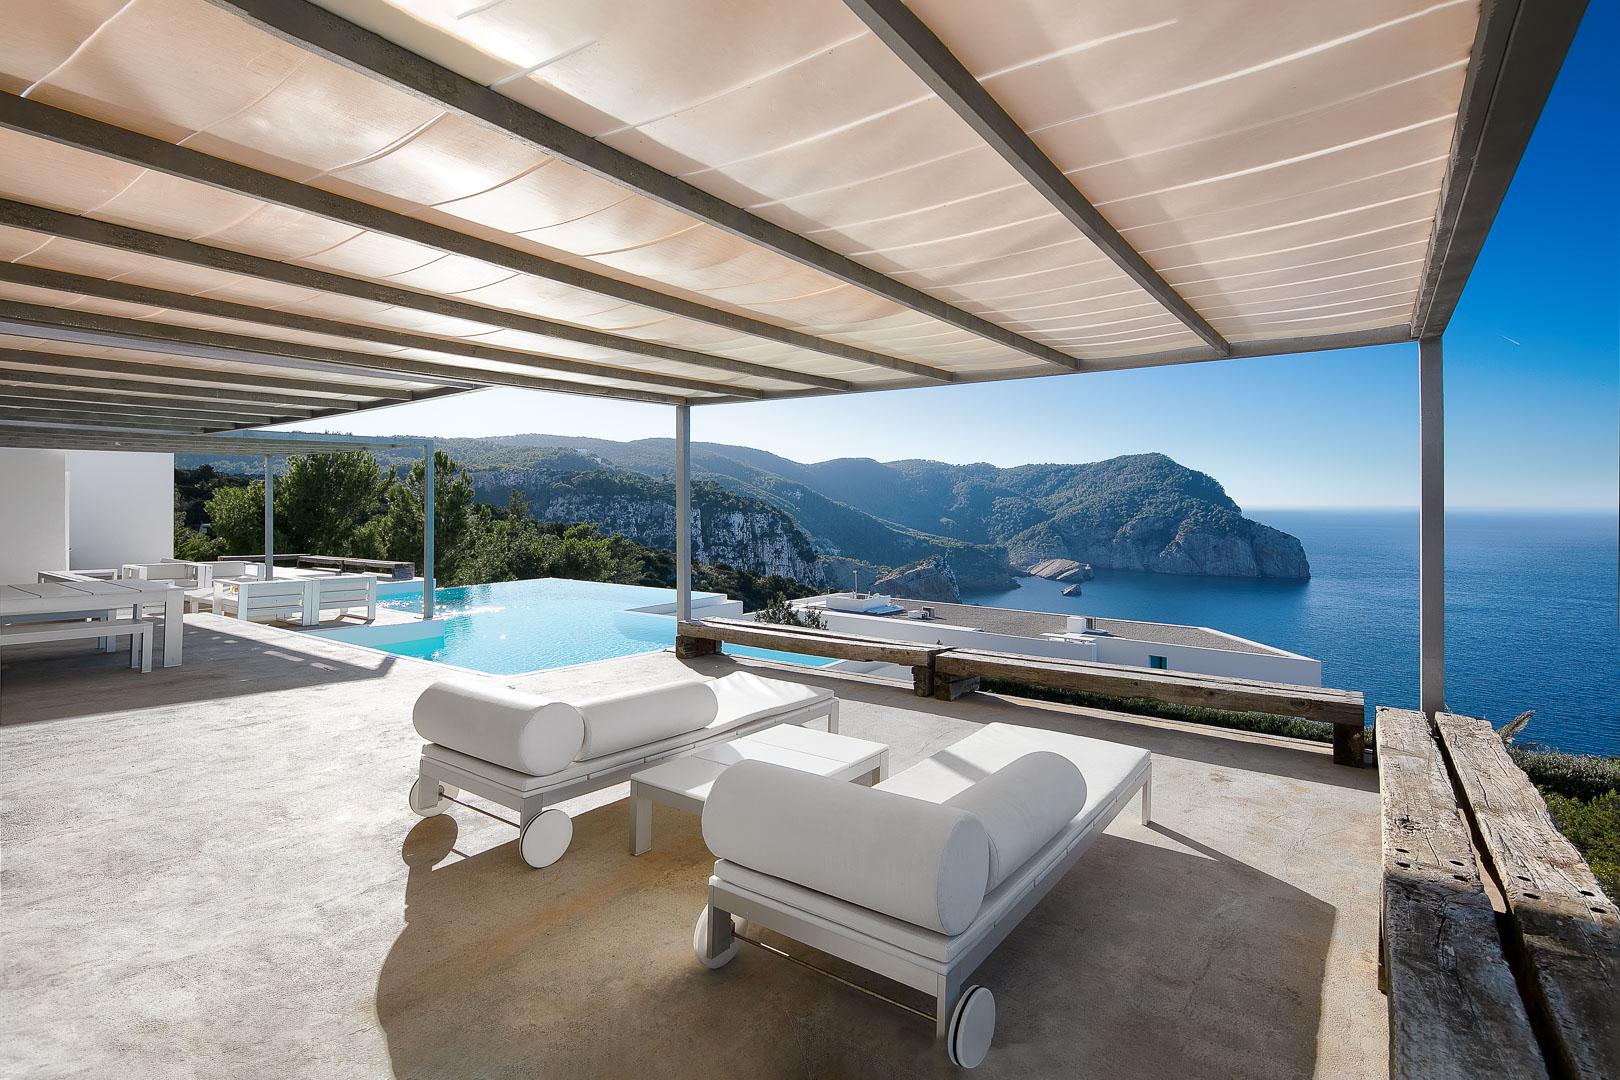 Reportaje fotográfico profesional exterior real estate villa privada de la piscina con vistal en el norte de Ibiza